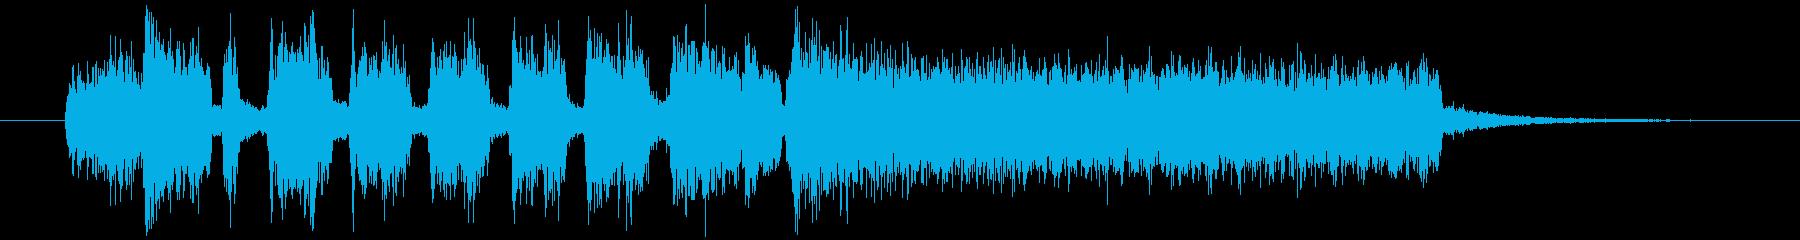 オルガンのシンプルでポップなジングルの再生済みの波形